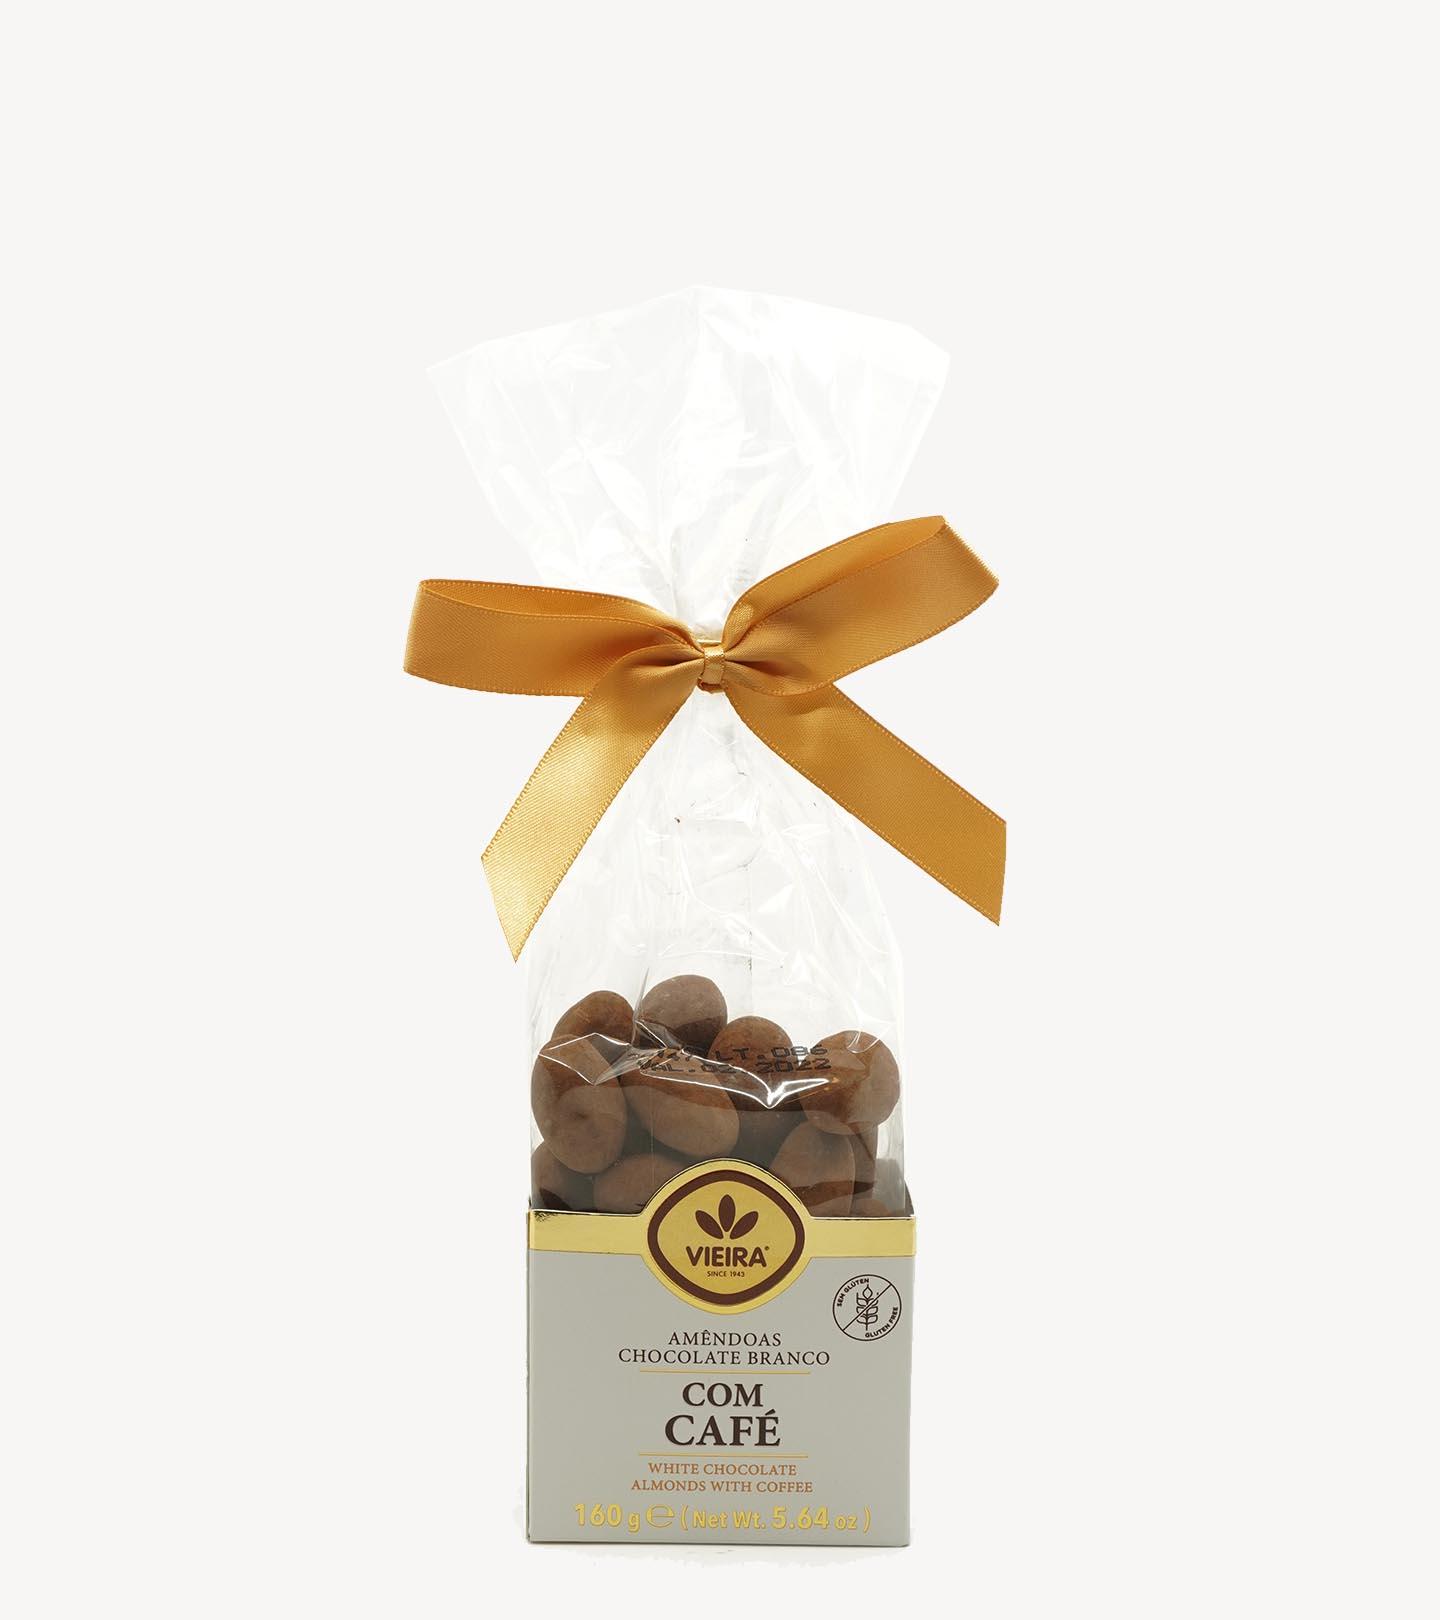 Amêndoas Chocolate Branco com Café Vieira 160g